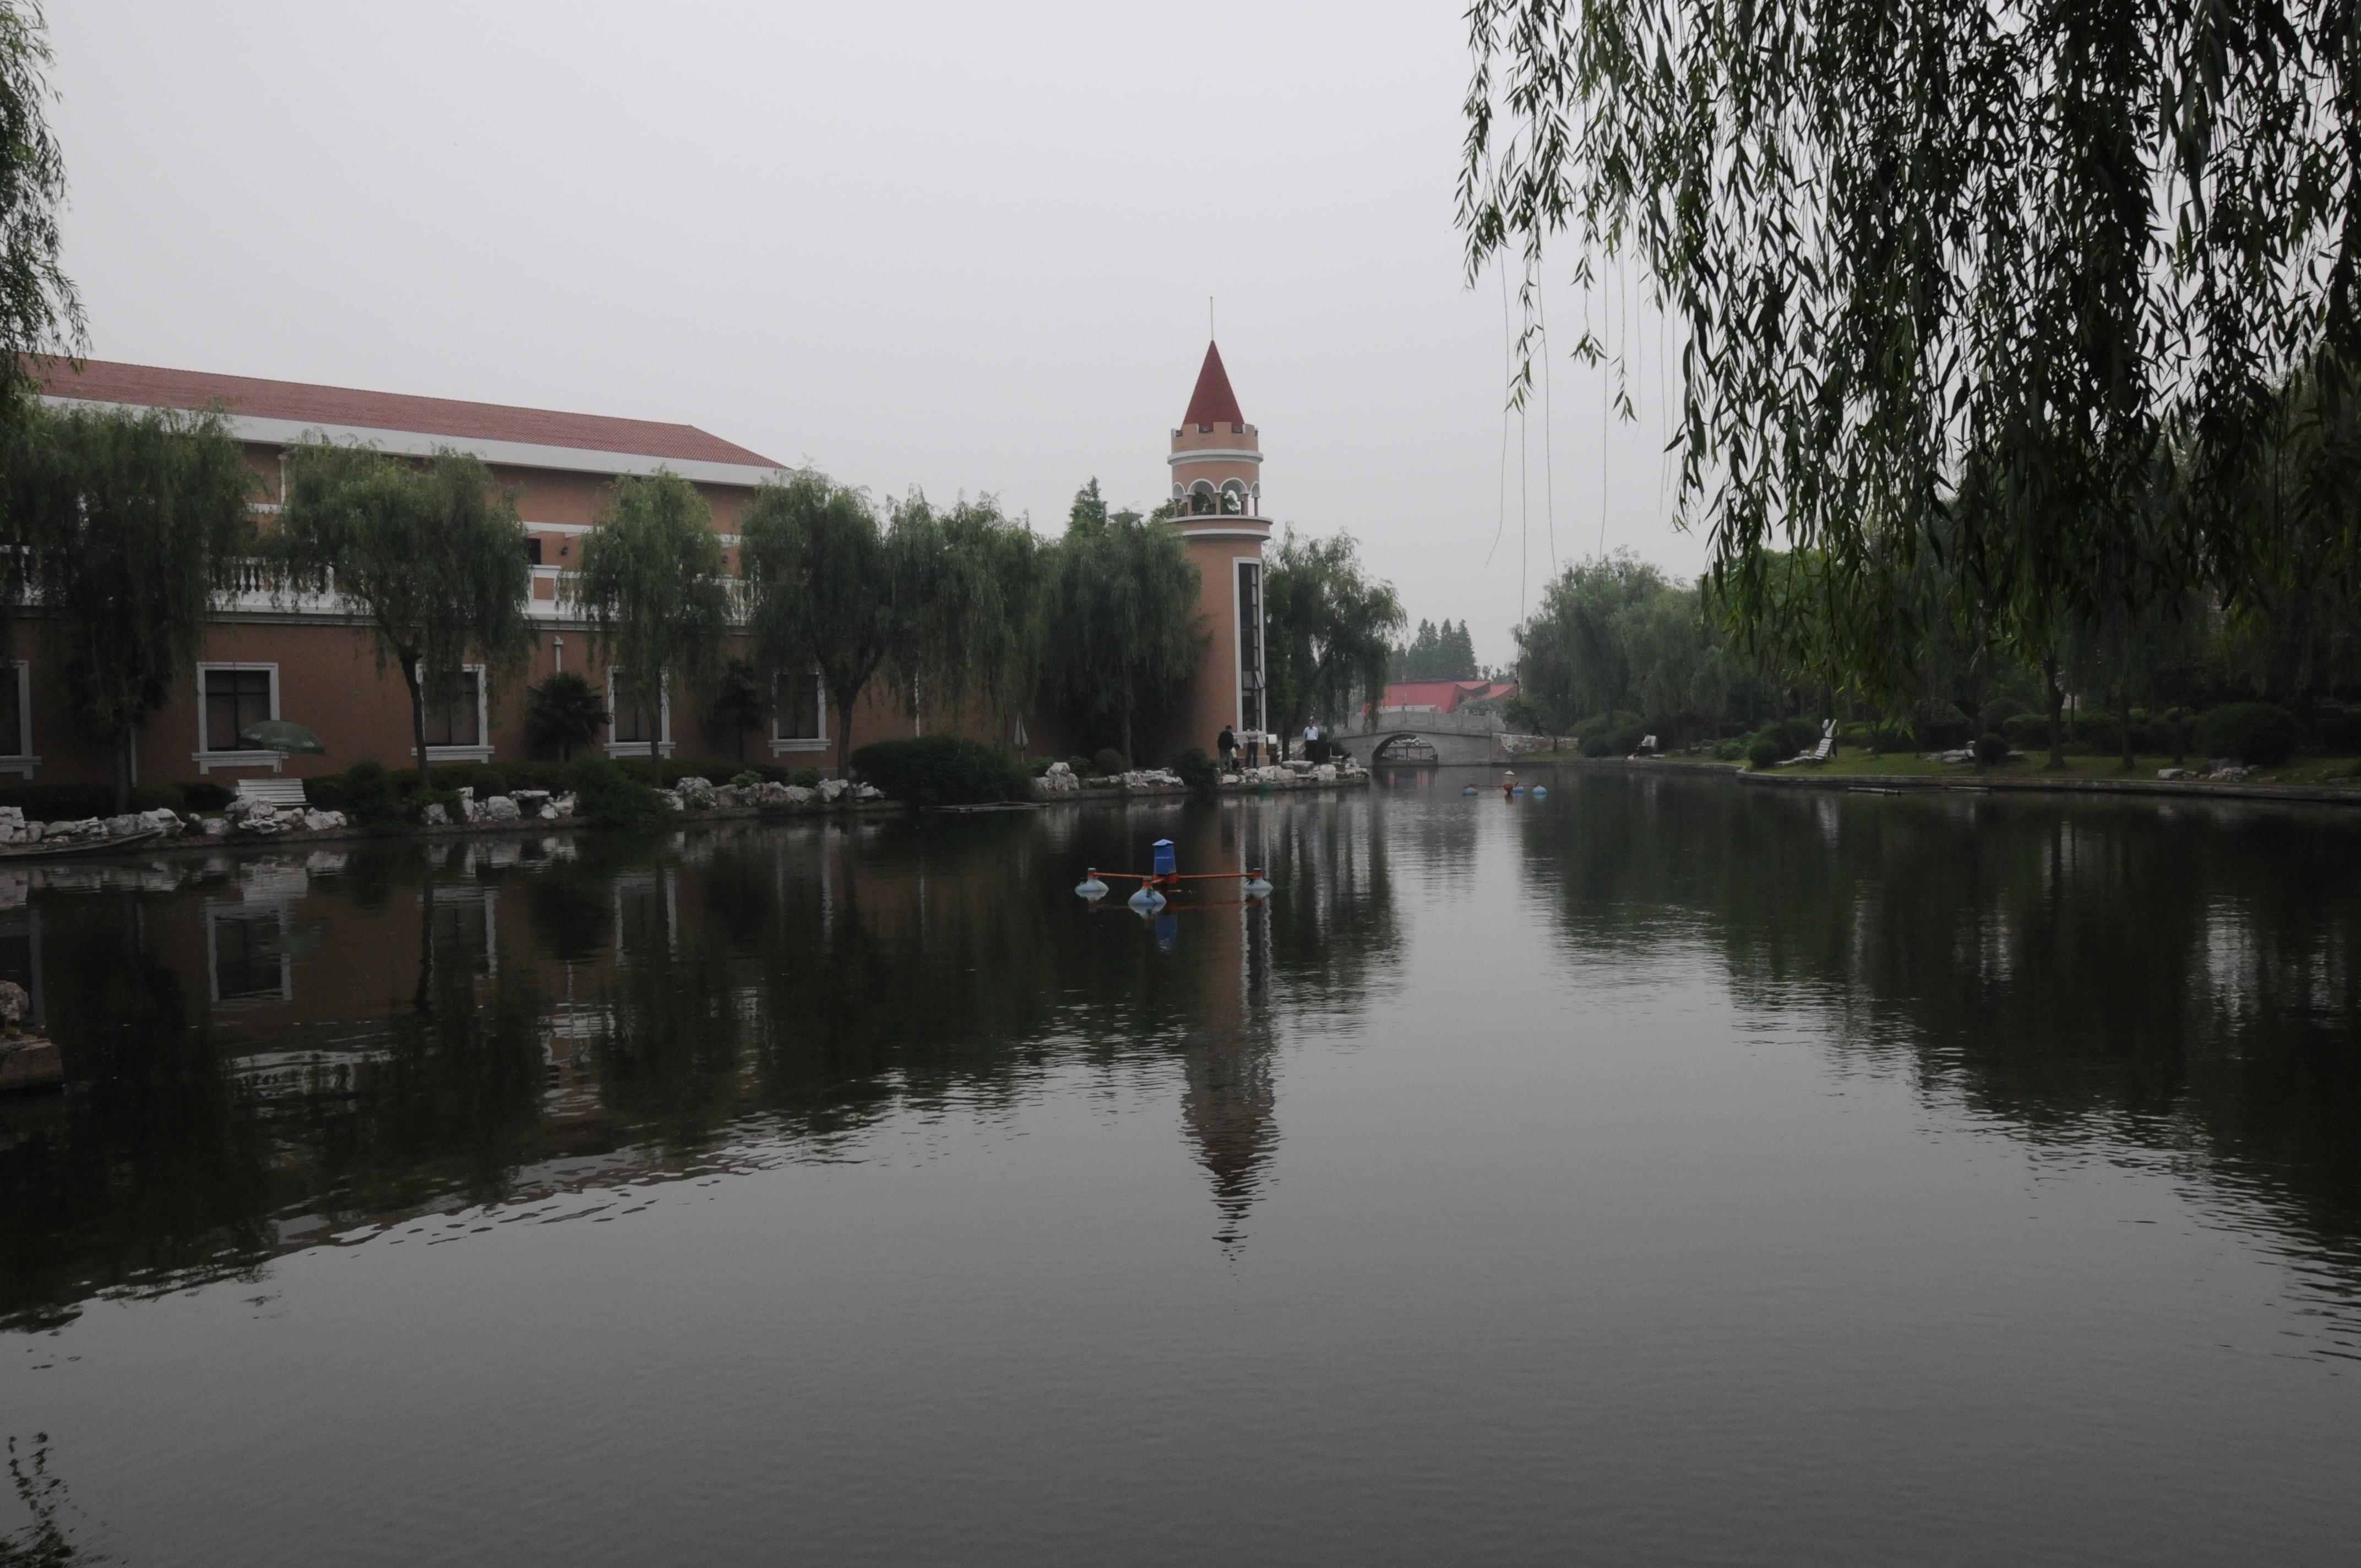 上海淀山湖森林公园_上海淀山湖森林度假村门票价格_上海上海淀山湖森林度假村门票